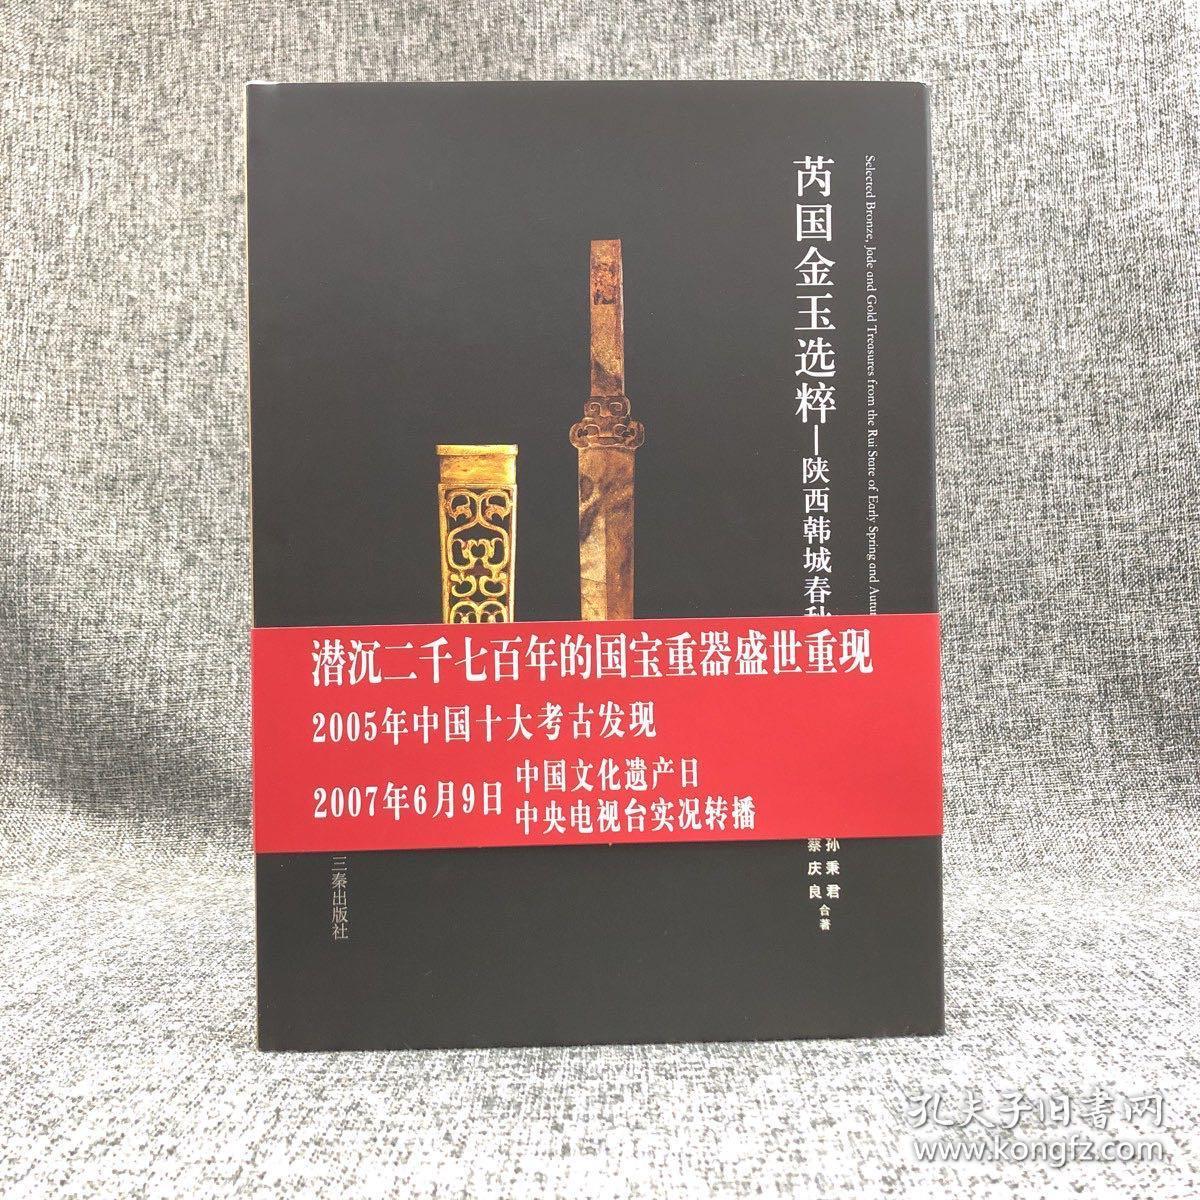 绝版特惠| 芮国金玉选粹:陕西韩城春秋宝藏 (16开精装  四色印刷)